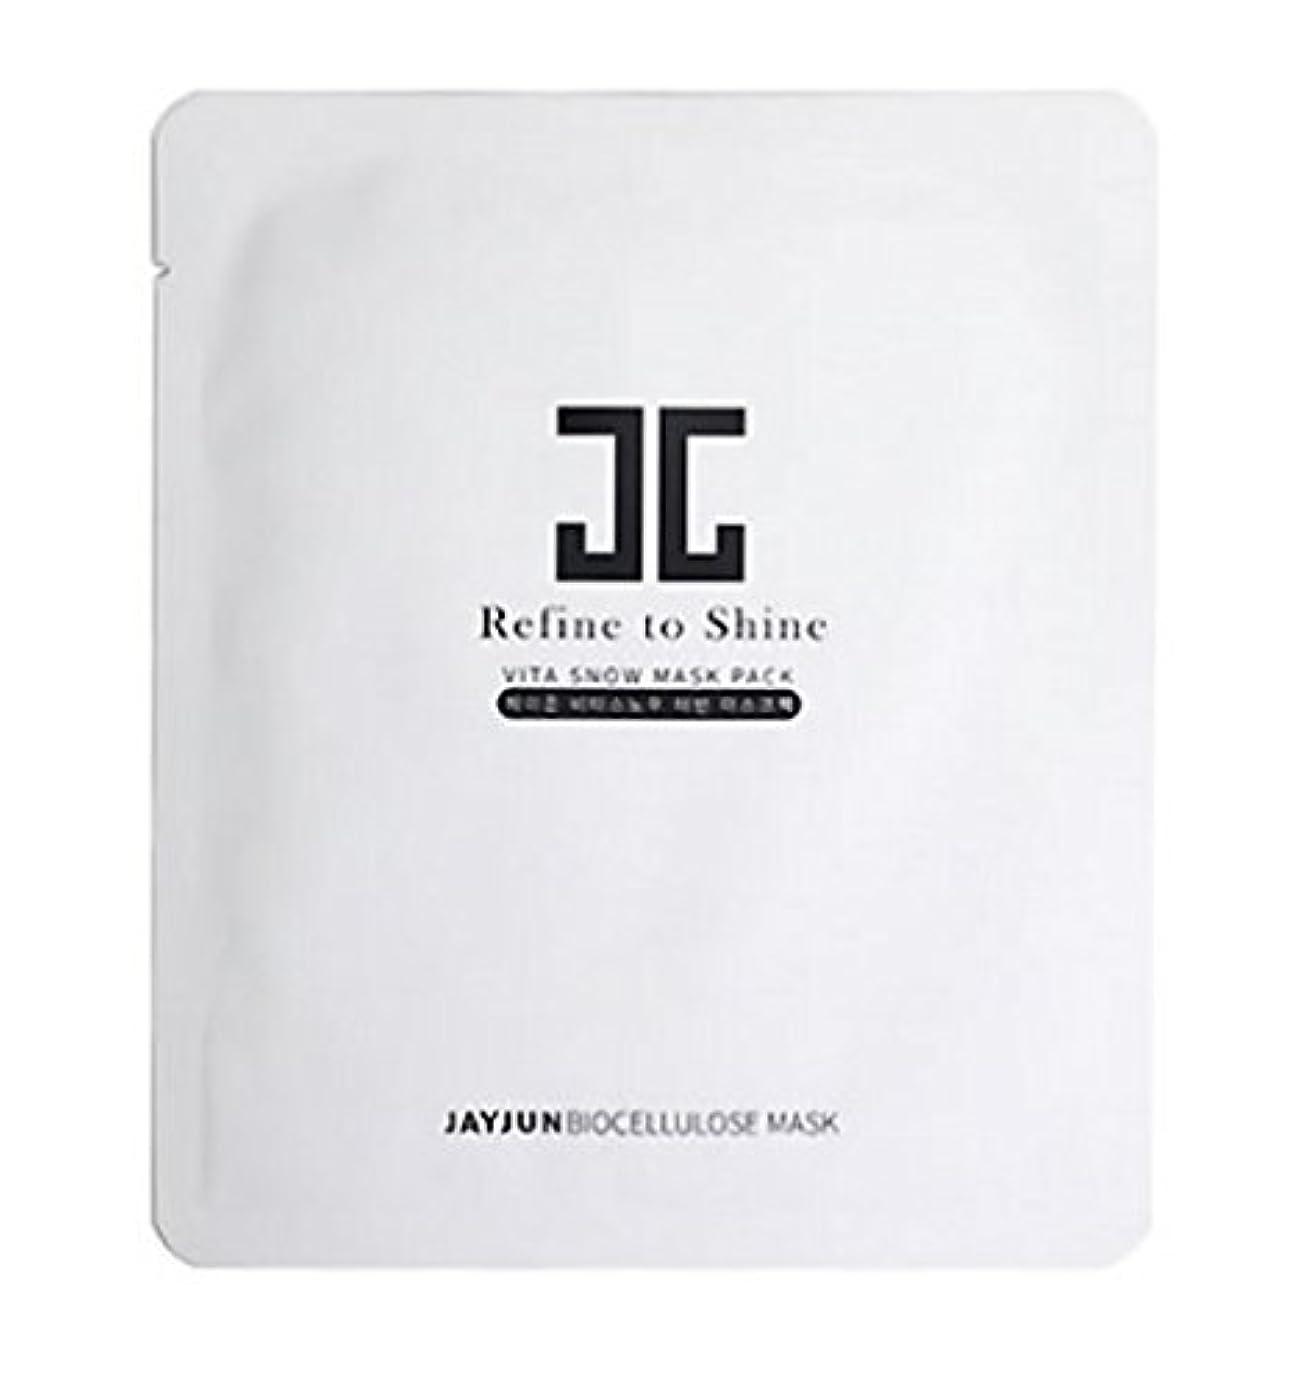 弓バンク装備するJAYJUN ジェイジュン ヴィタスノー プレミアム バイオセルロース プラセンタフェイシャルマスク[5枚入り]Vita Snow Premium Bio Cellulose placenta Facial Mask [5枚入り] [並行輸入品]